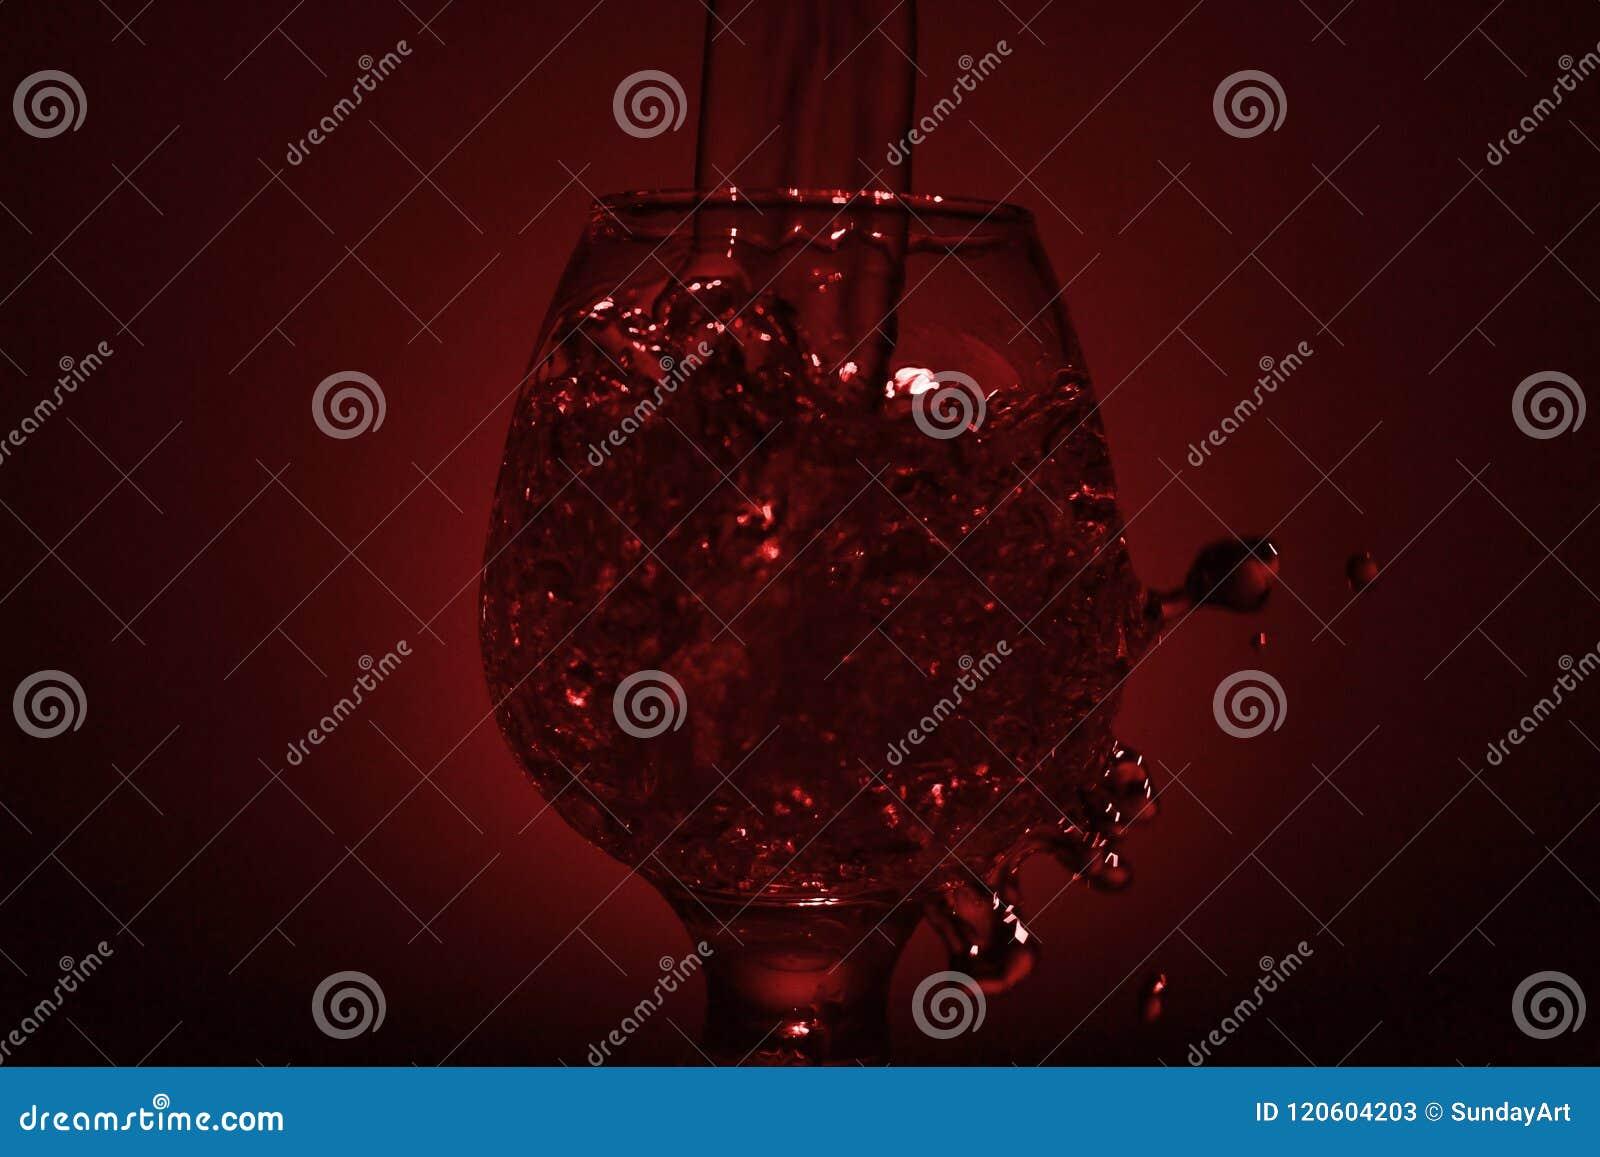 Einfaches Stilllebenfoto Whiskyglas-, Wasserstrahl- und schwachemrotes L